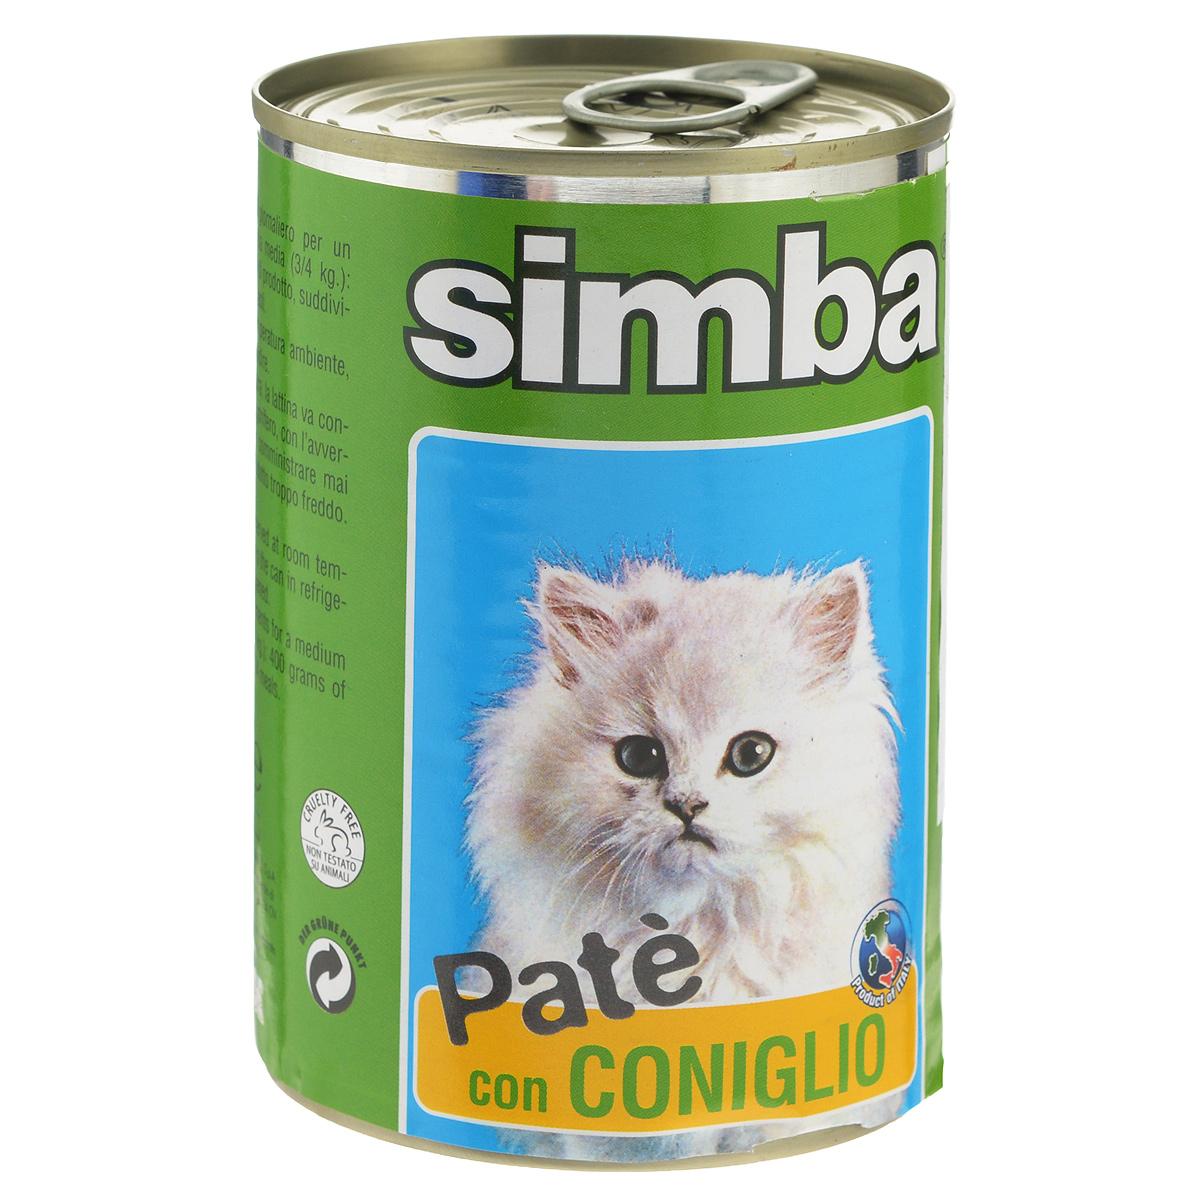 Консервы для кошек Monge Simba, паштет с кроликом, 400 г monge monge dog monoproteico solo консервы для собак паштет из курицы 400 г x 24 шт